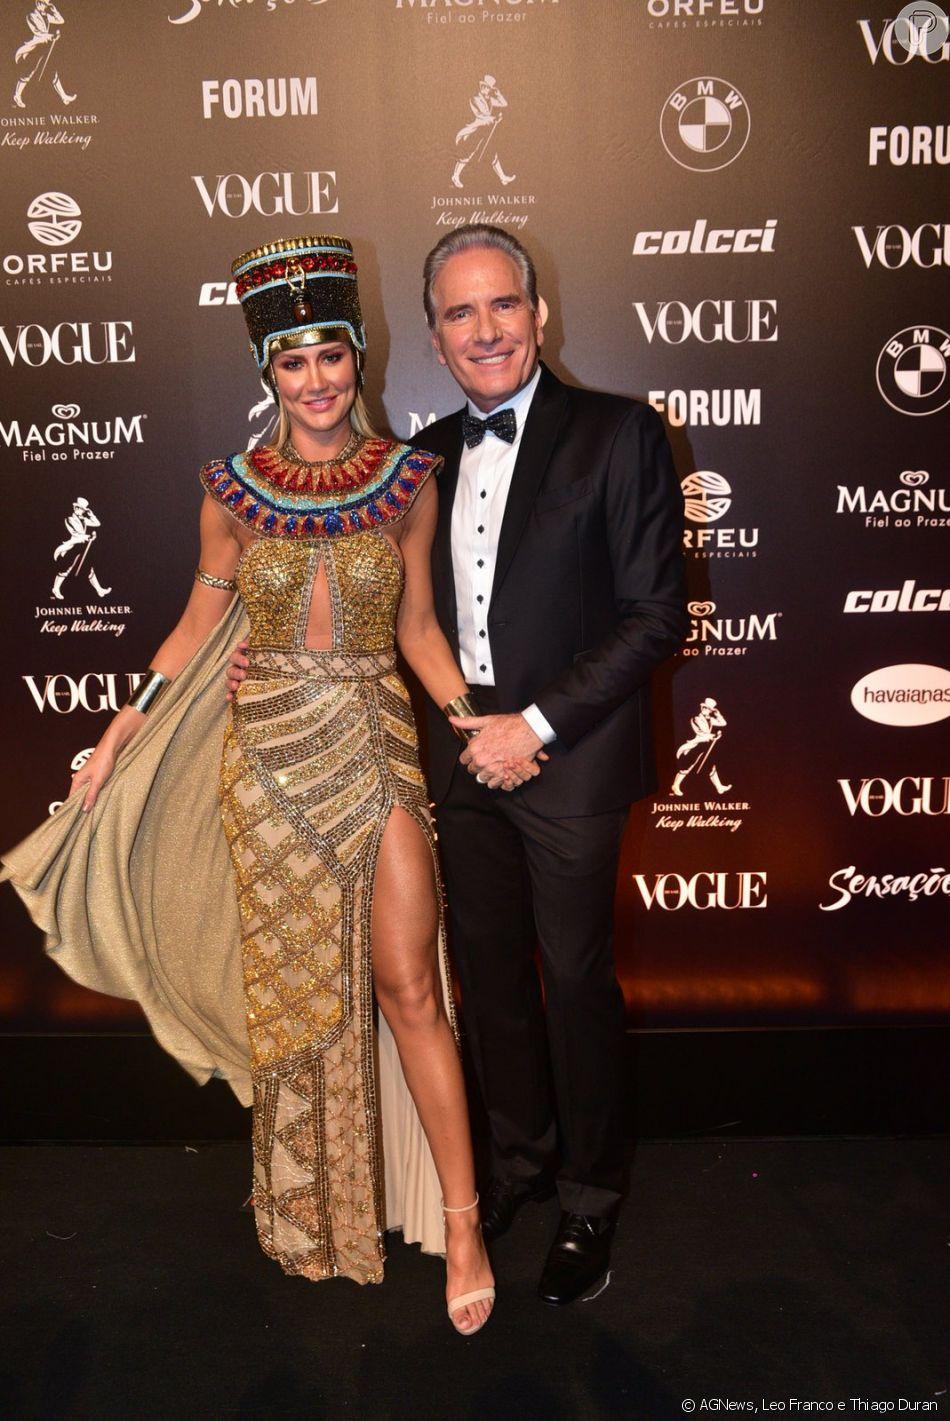 Roberto Justus e Ana Paula Siebert no Baile da Vogue 2019